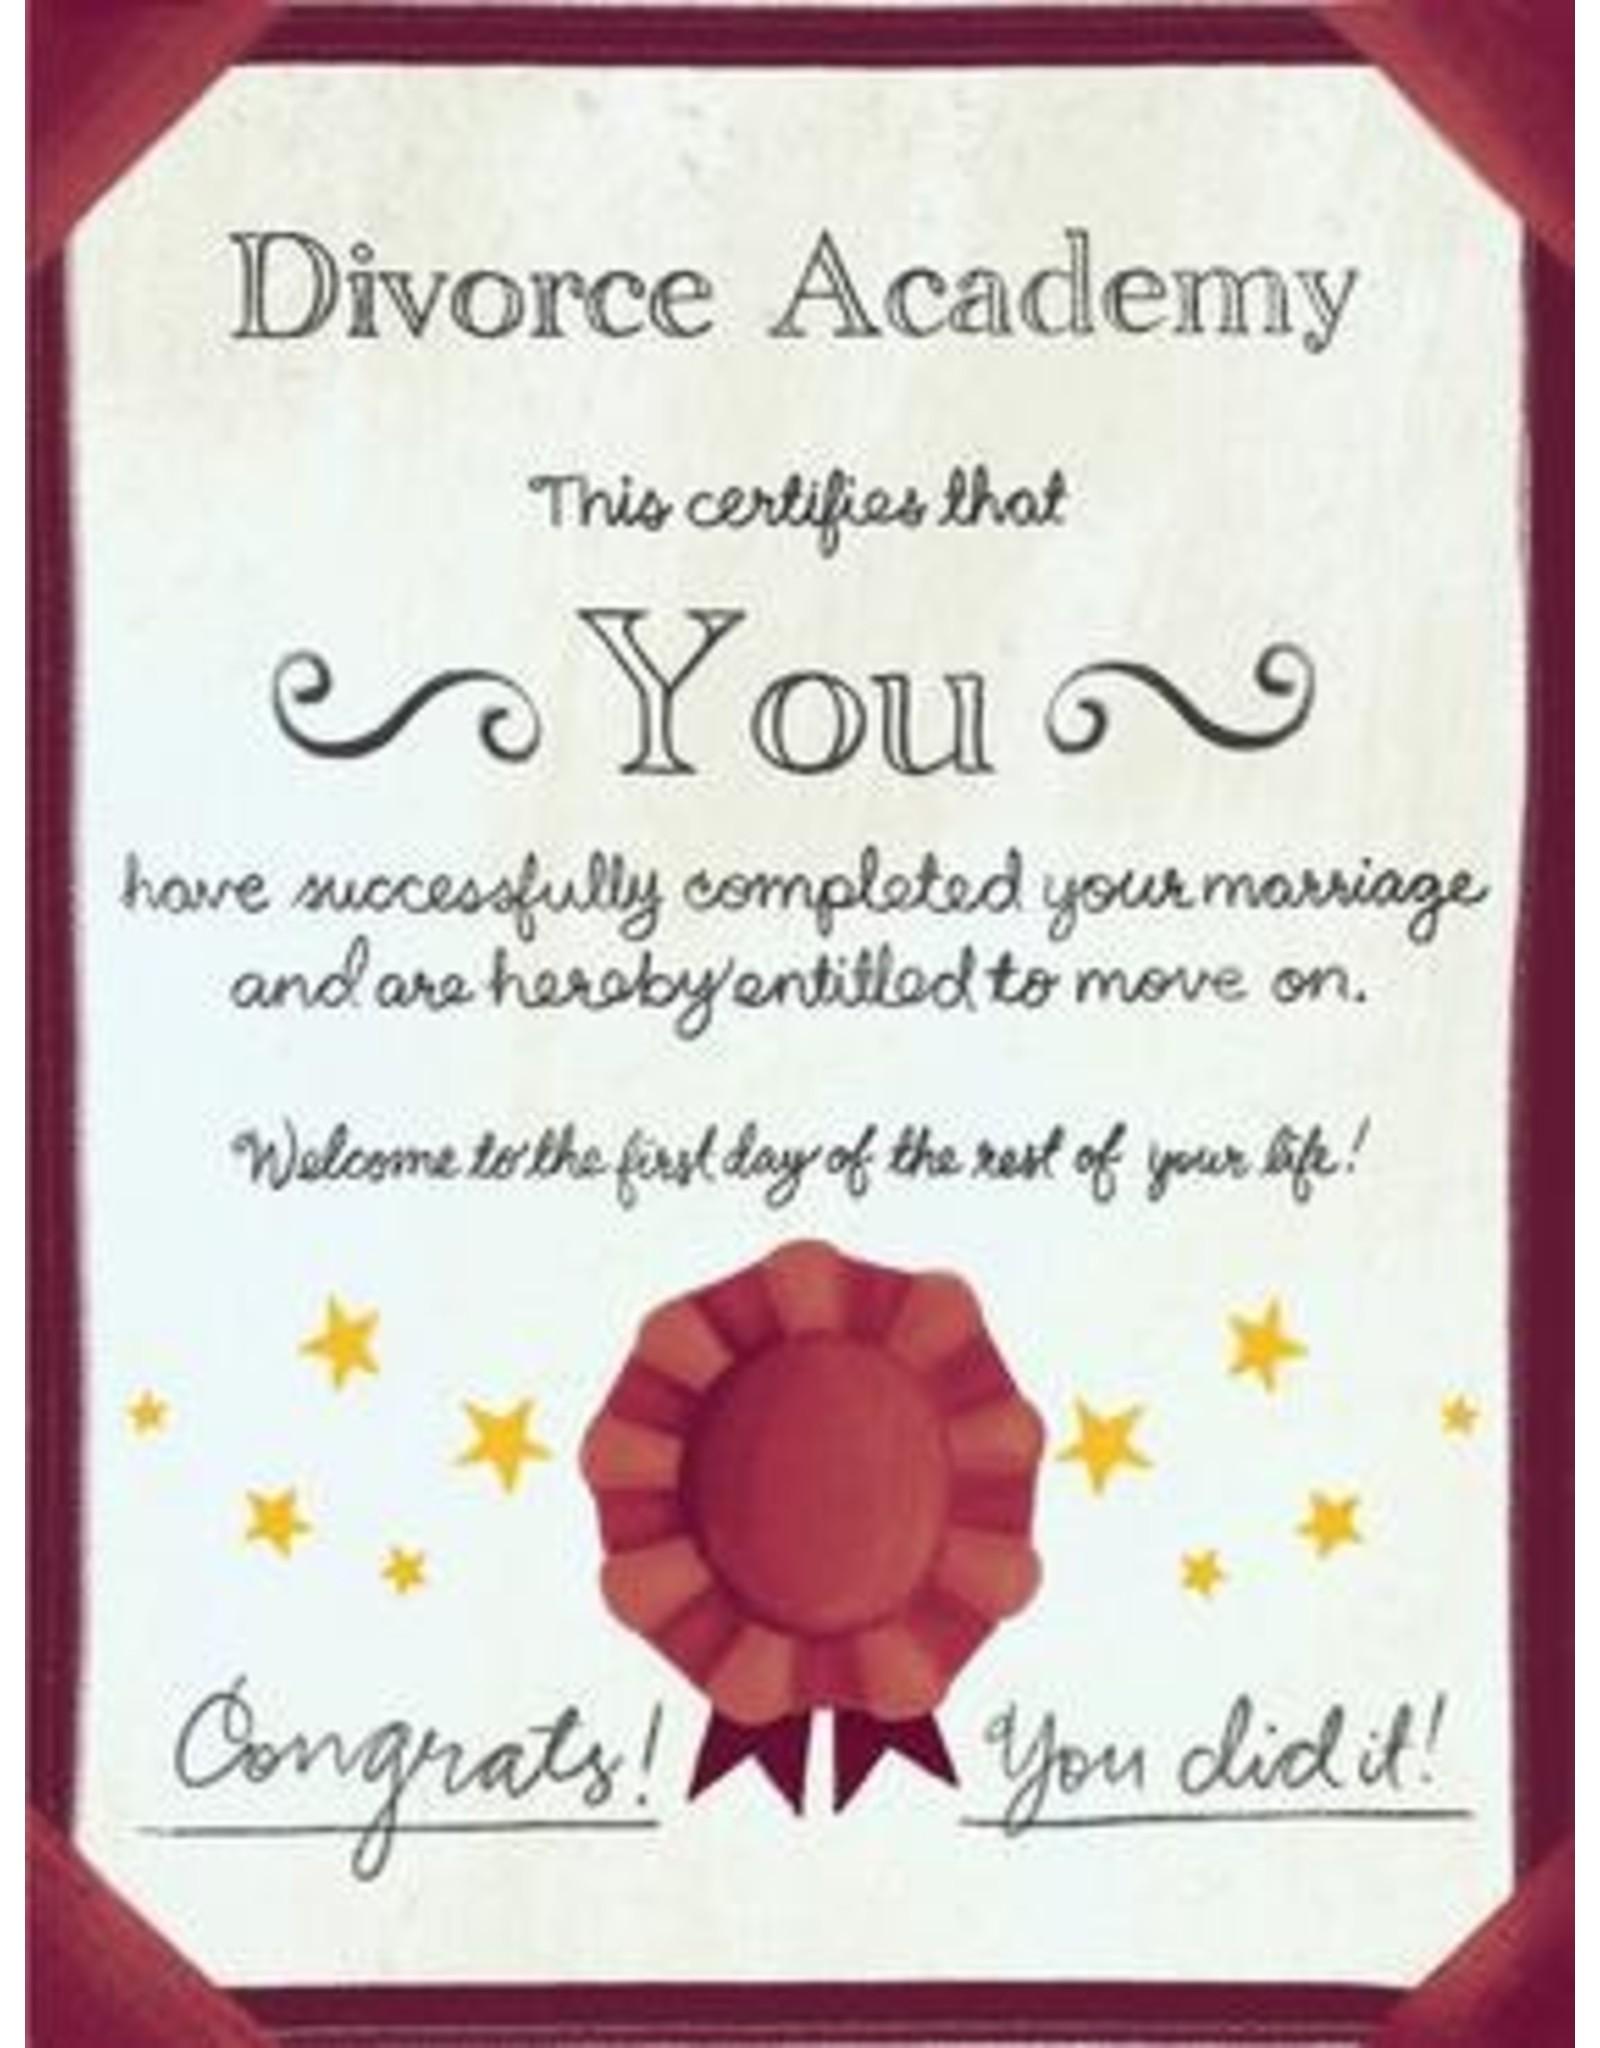 Meaghan Smith - Card/ Divorce Academy